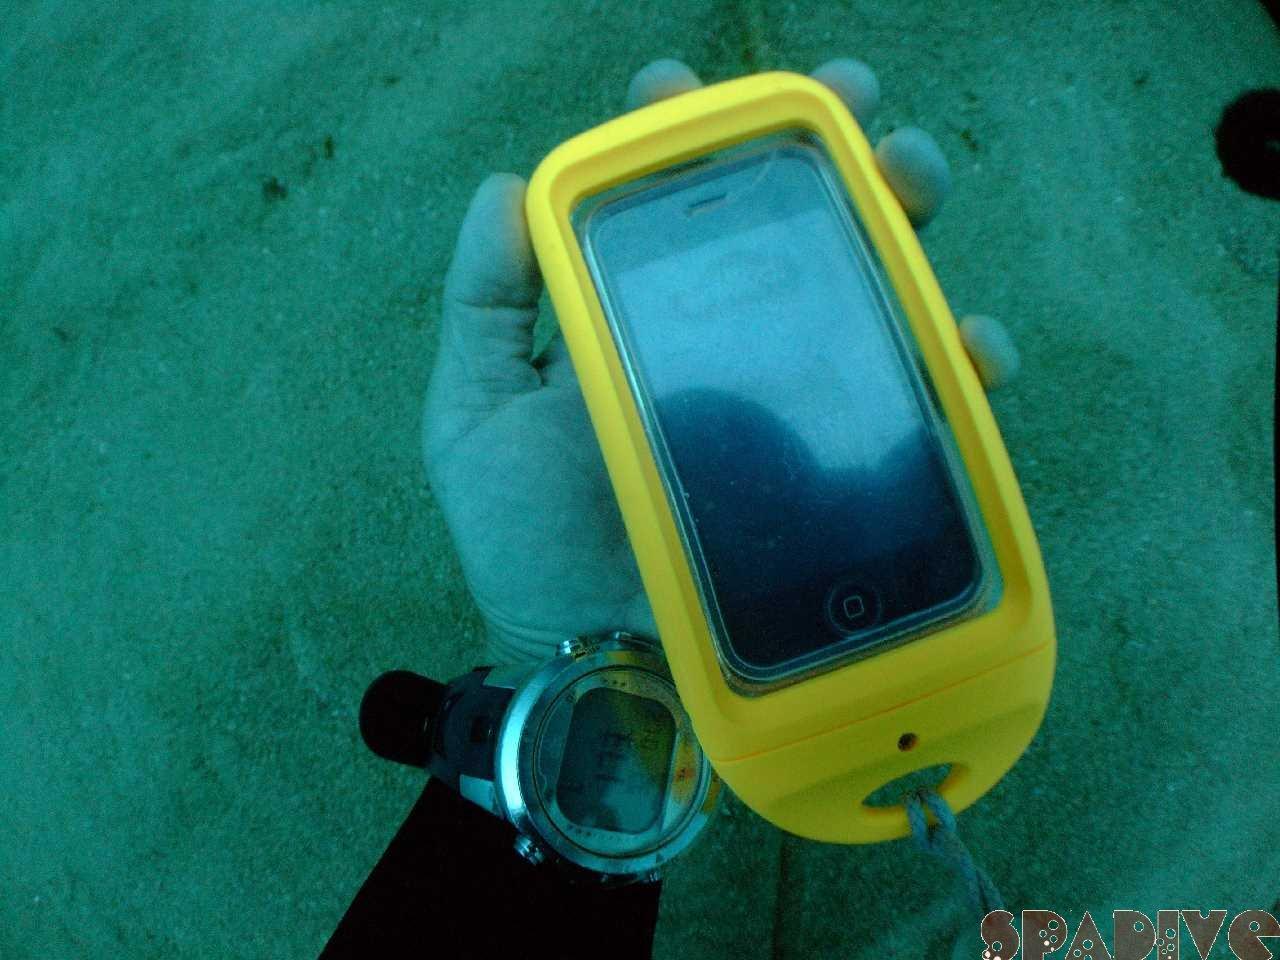 Wアーチ&沈船ダイビング|iPhone潜水深度25.4mテスト|5/25/2012